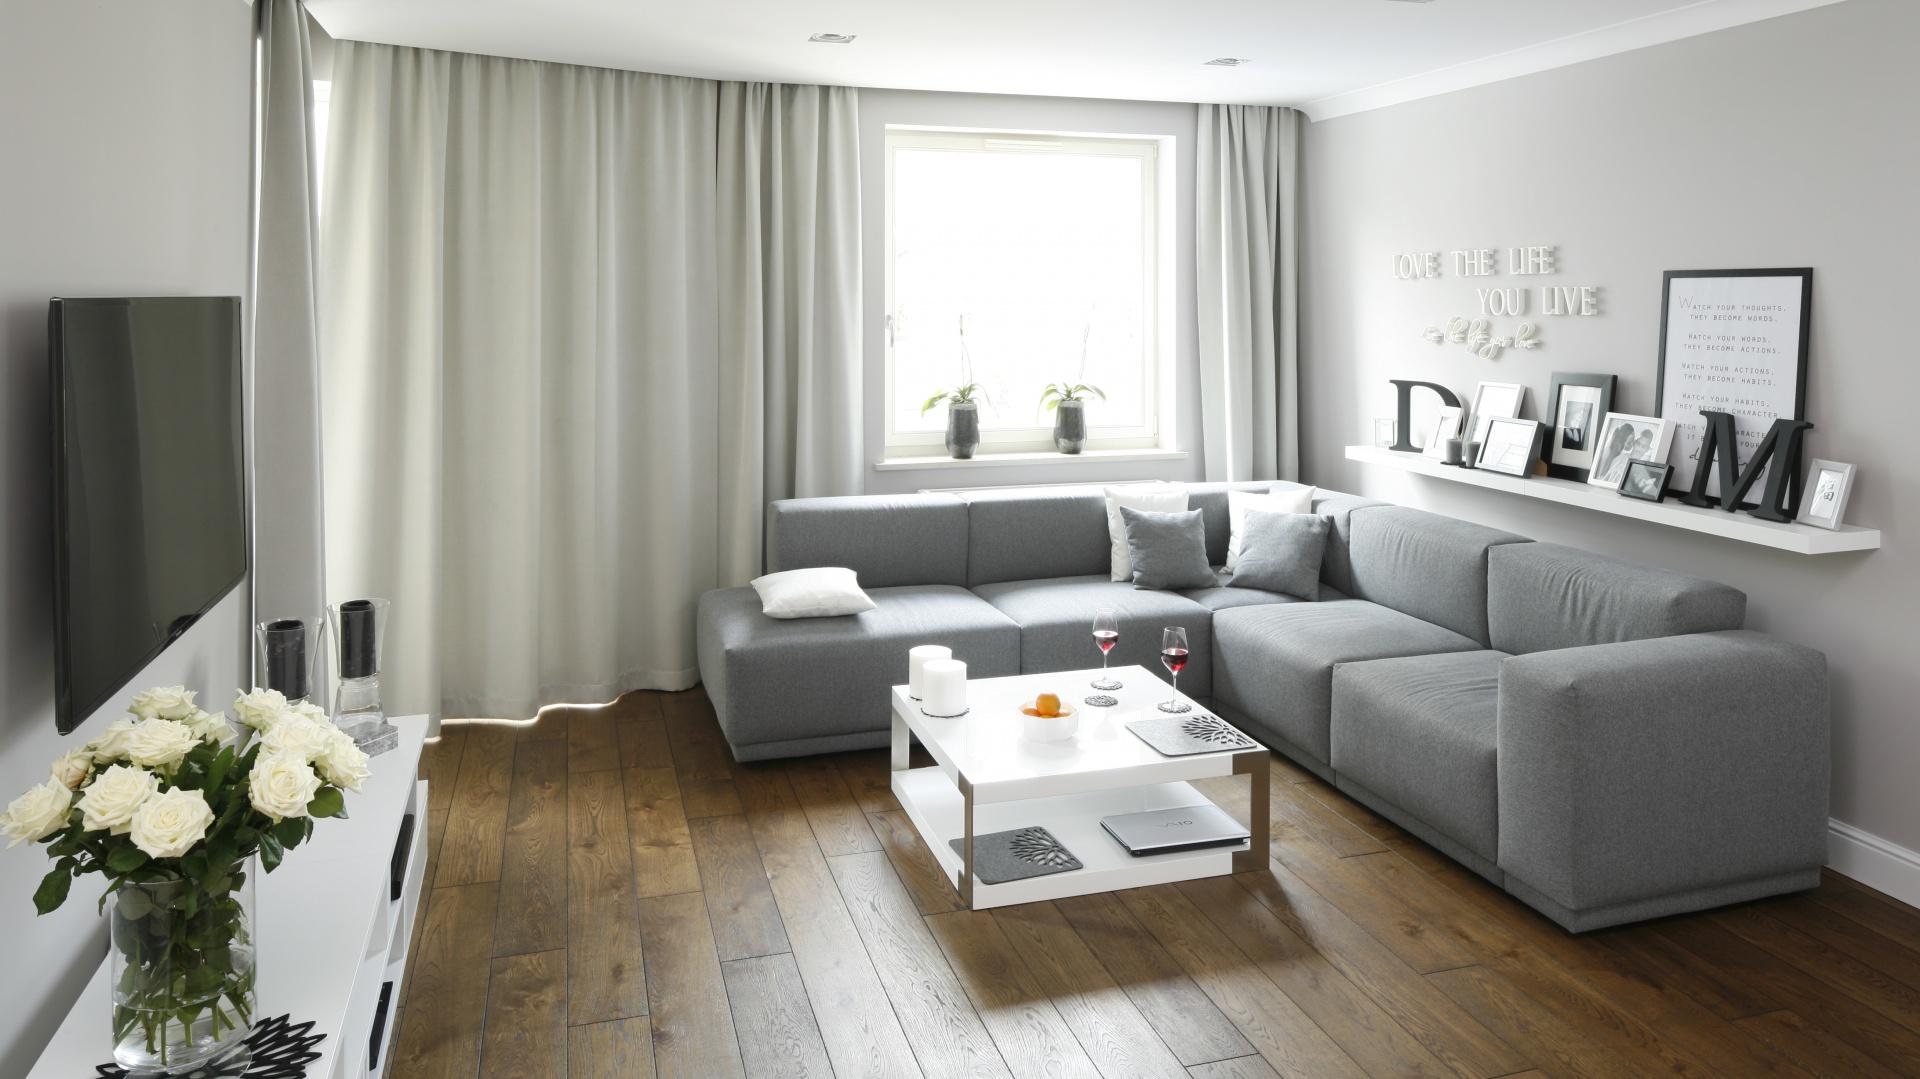 sk pany w szaro ciach salon naro nik w ma ym salonie sprawd jak go ustawi strona 13. Black Bedroom Furniture Sets. Home Design Ideas